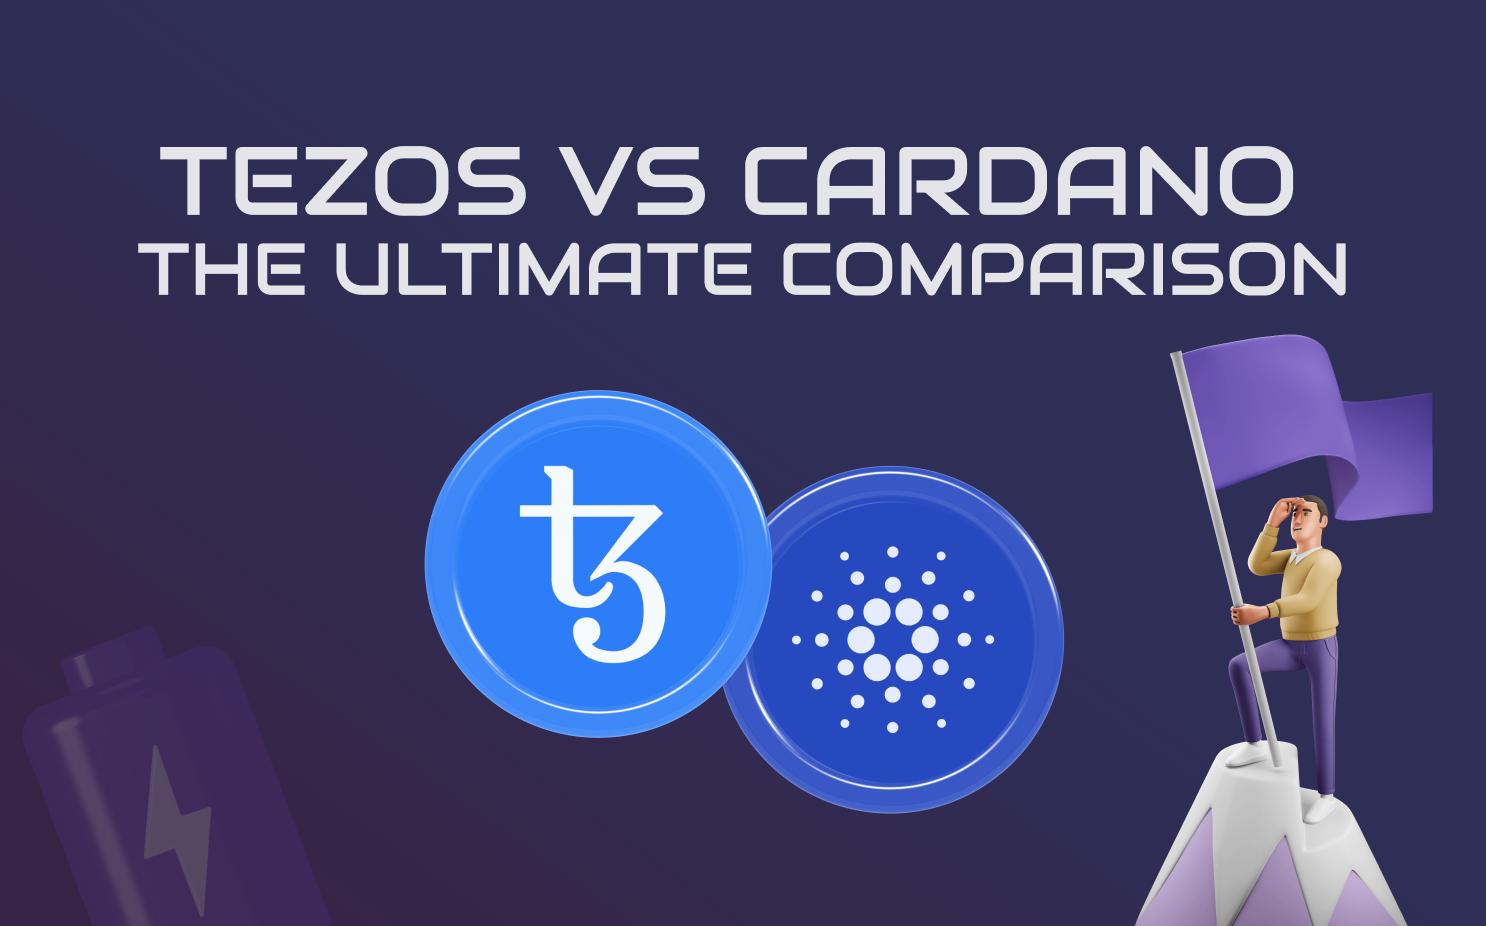 Tezos VS Cardano: The Ultimate Comparison